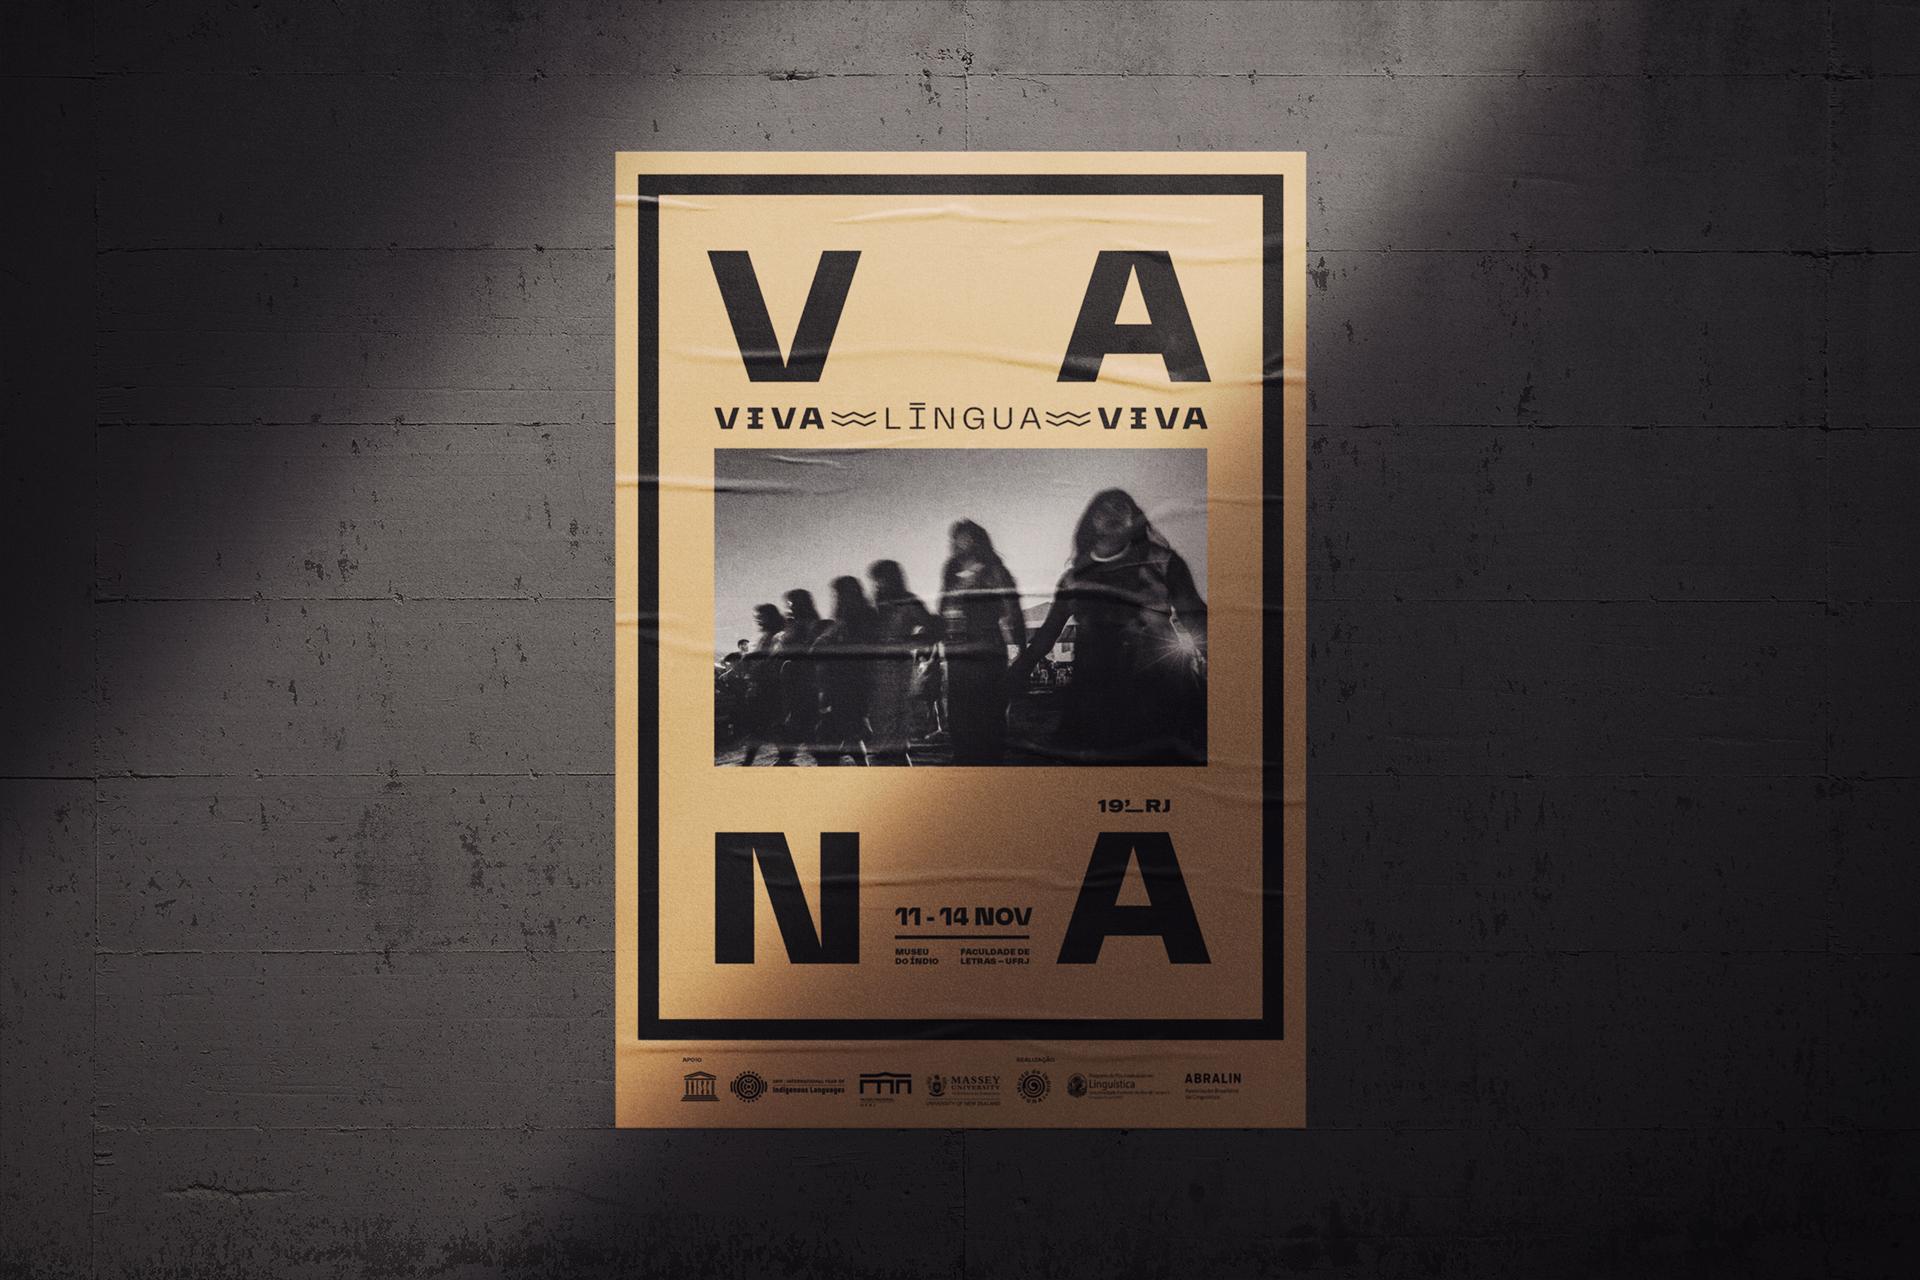 VLV-cartaz-10